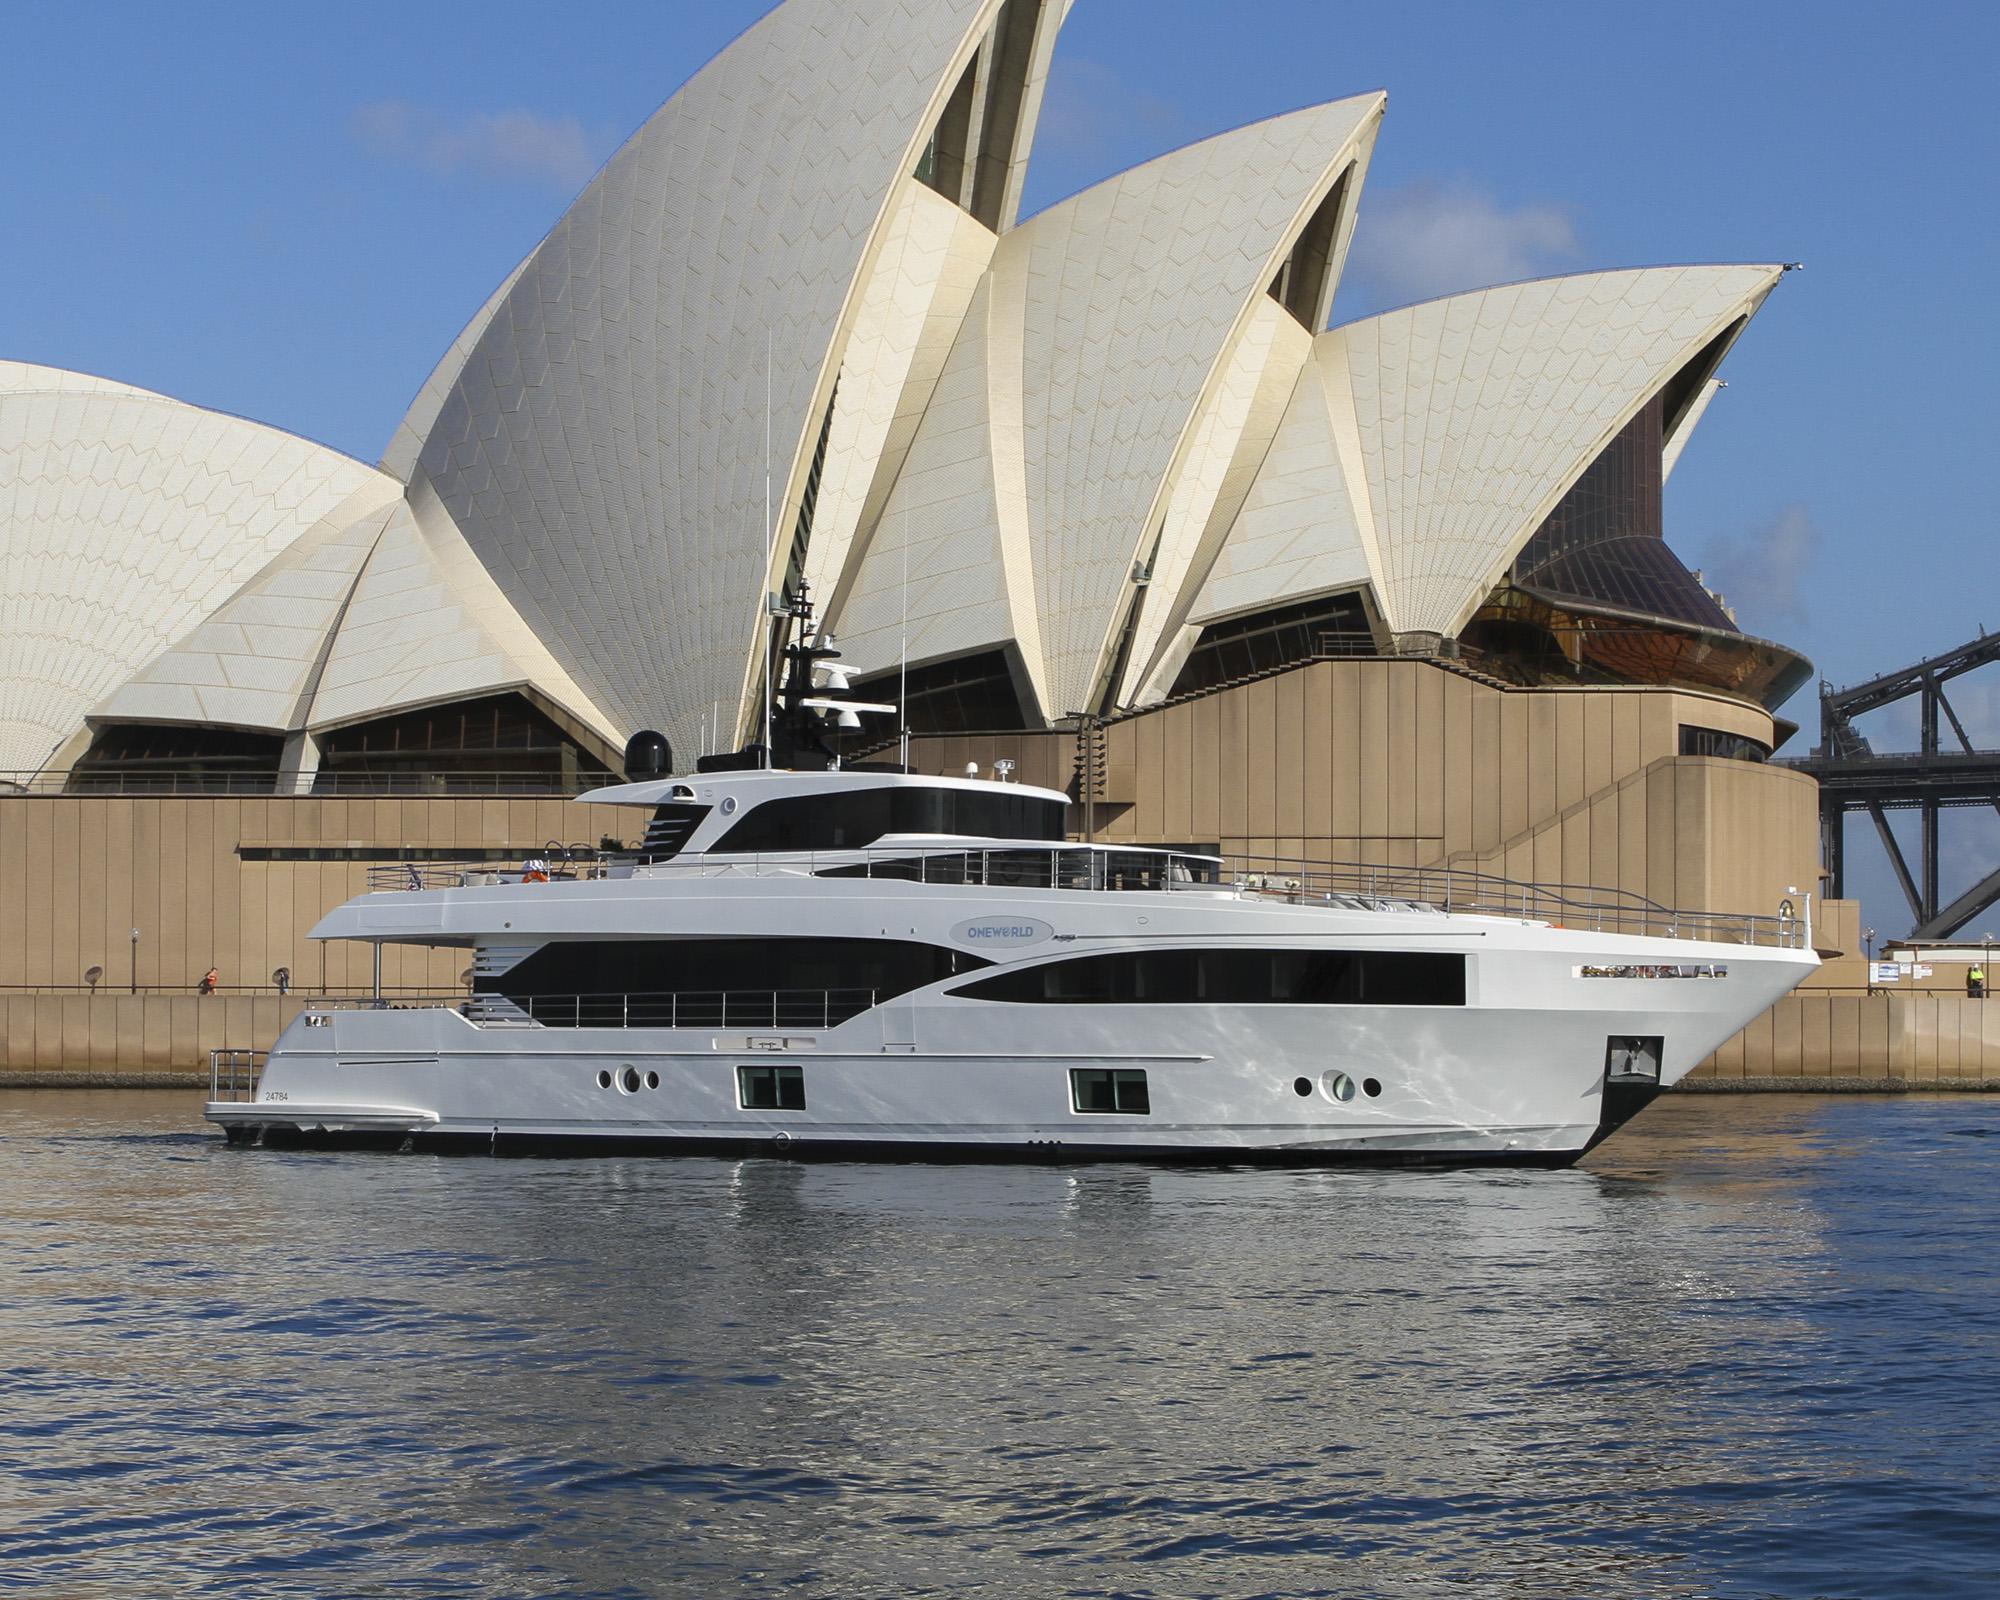 Majesty 100 M/Y Oneworld in Australia